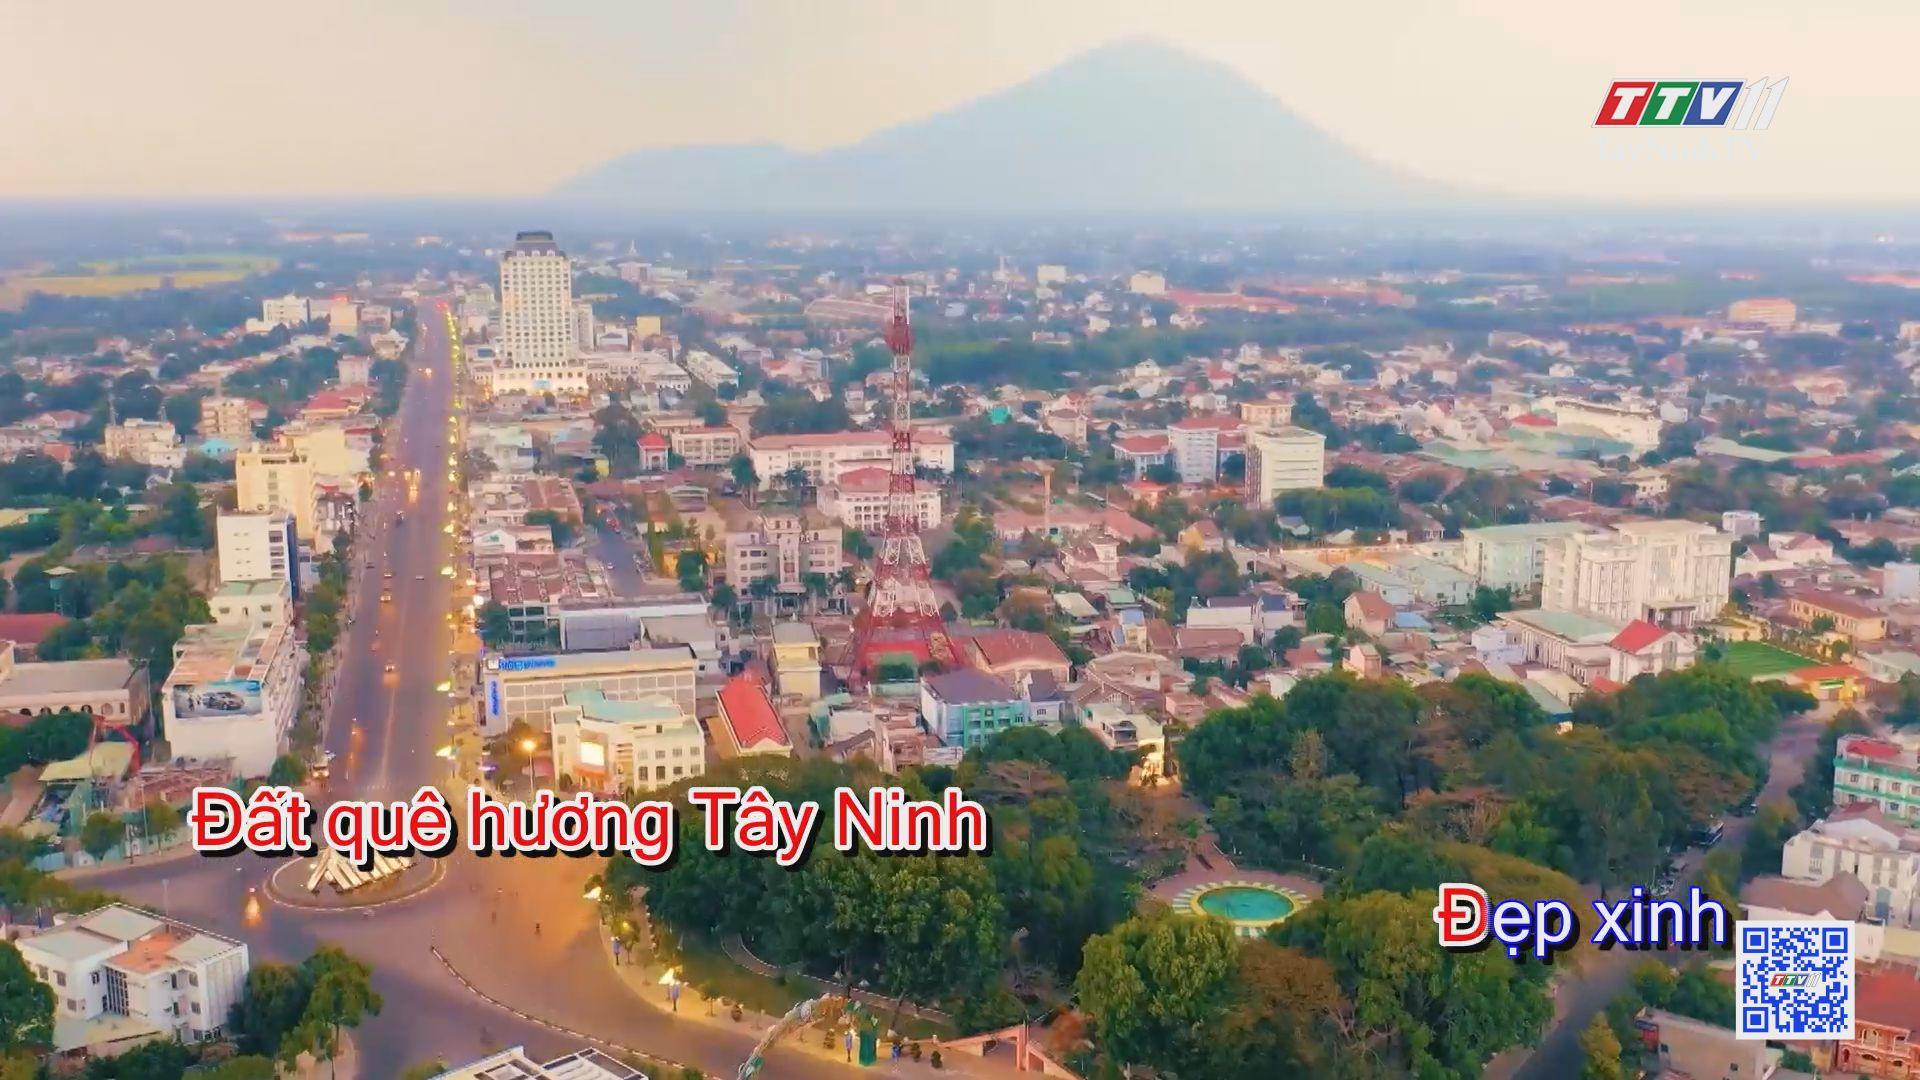 Tây Ninh bay vào tương lai KARAOKE | Tuyển tập karaoke Tây Ninh tình yêu trong tôi | TayNinhTV